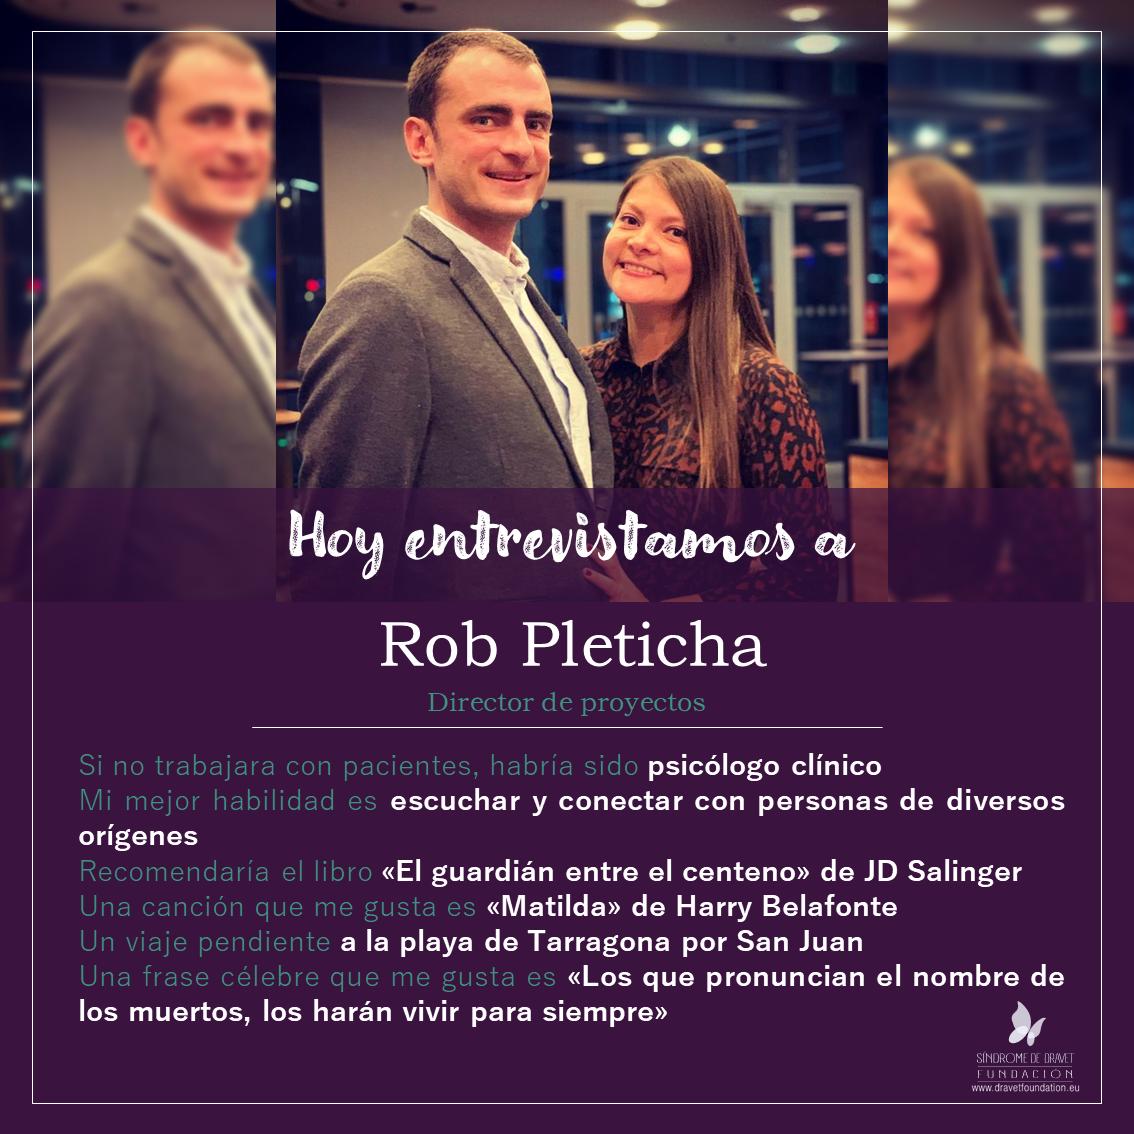 Entrevistamos a Rob Pleticha